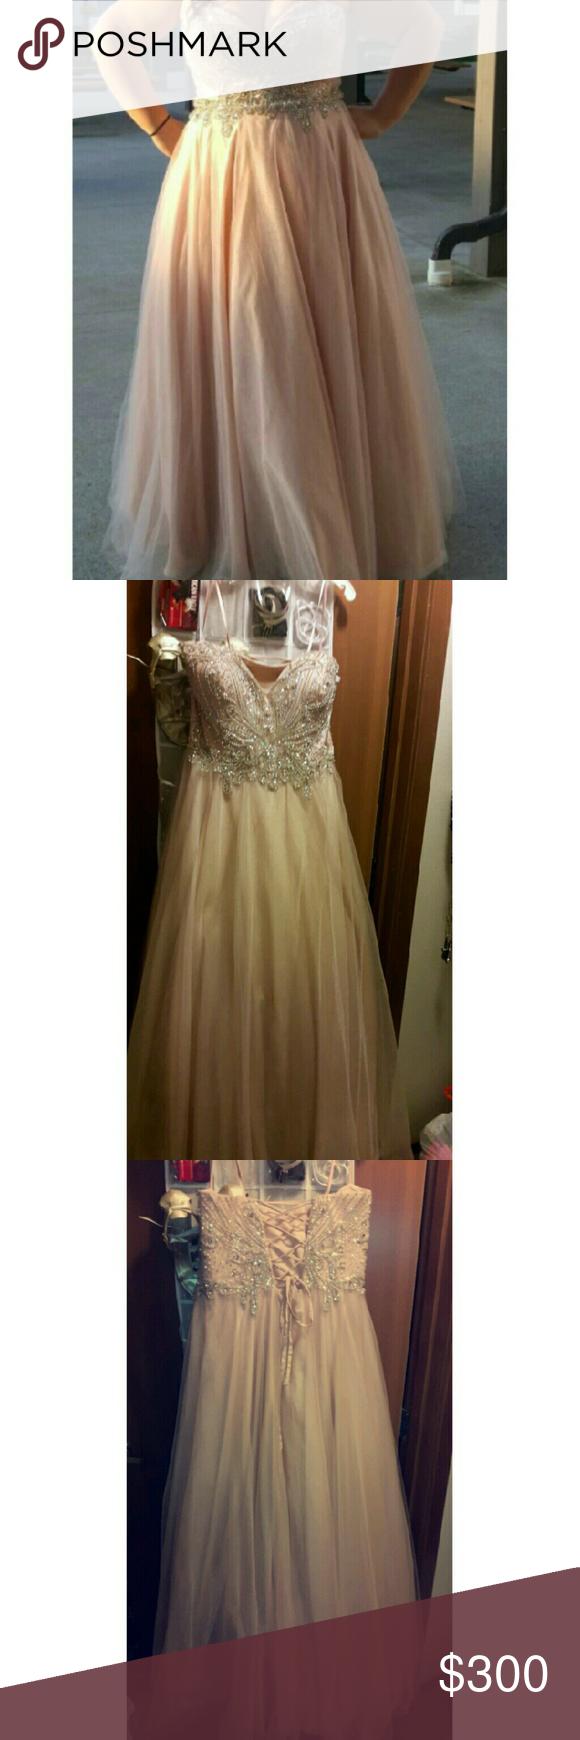 Davidus bridal prom dress brand new prom dress from davidus bridal